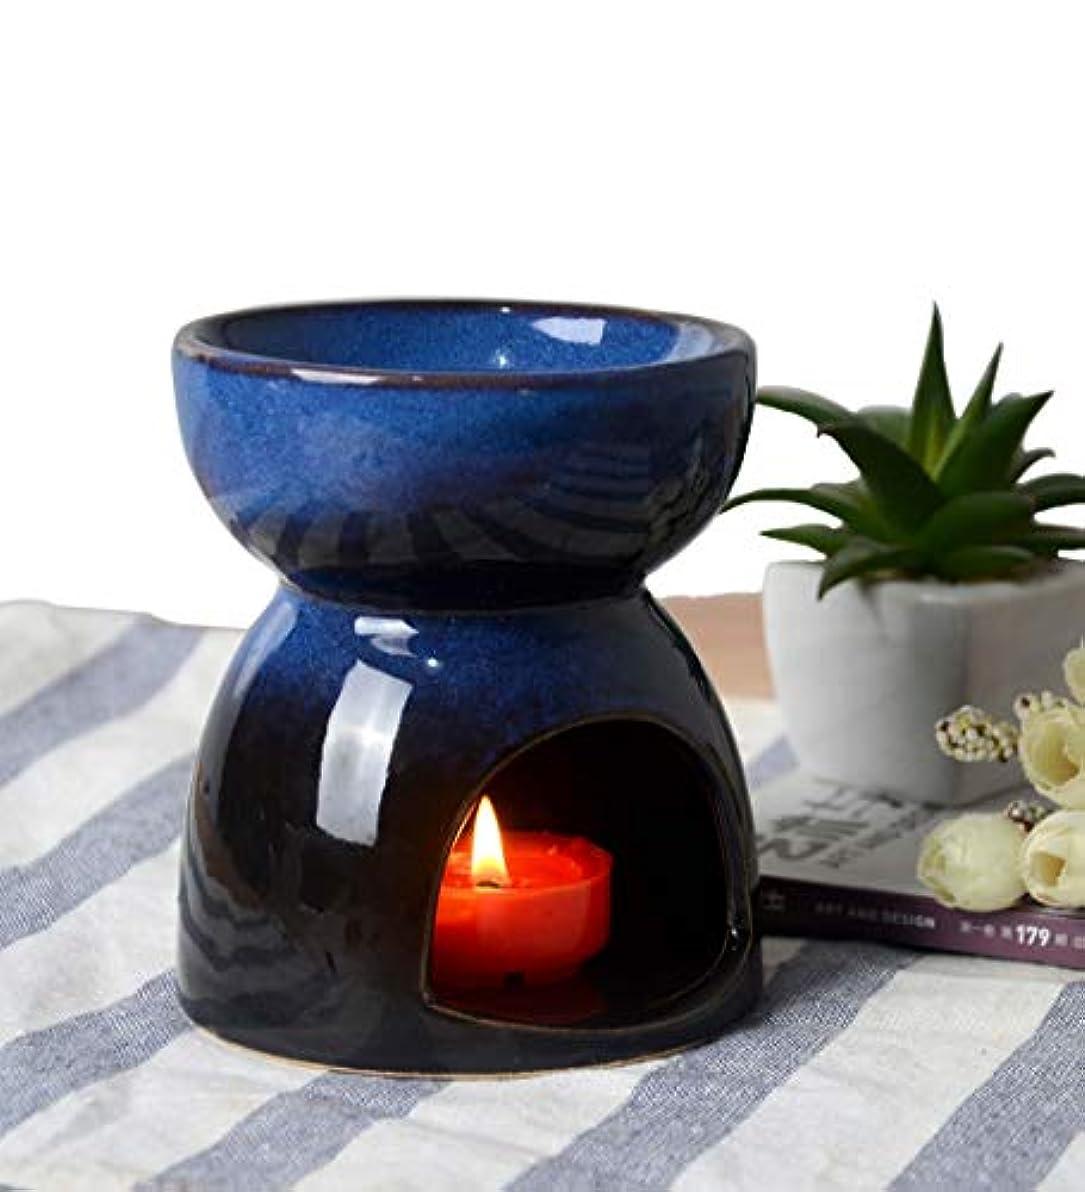 重要性輝度ピアノHwagui お香 茶 香炉 アロマ炉 中空の彫刻工芸 癒し お茶の香り 陶器 置物 靑い